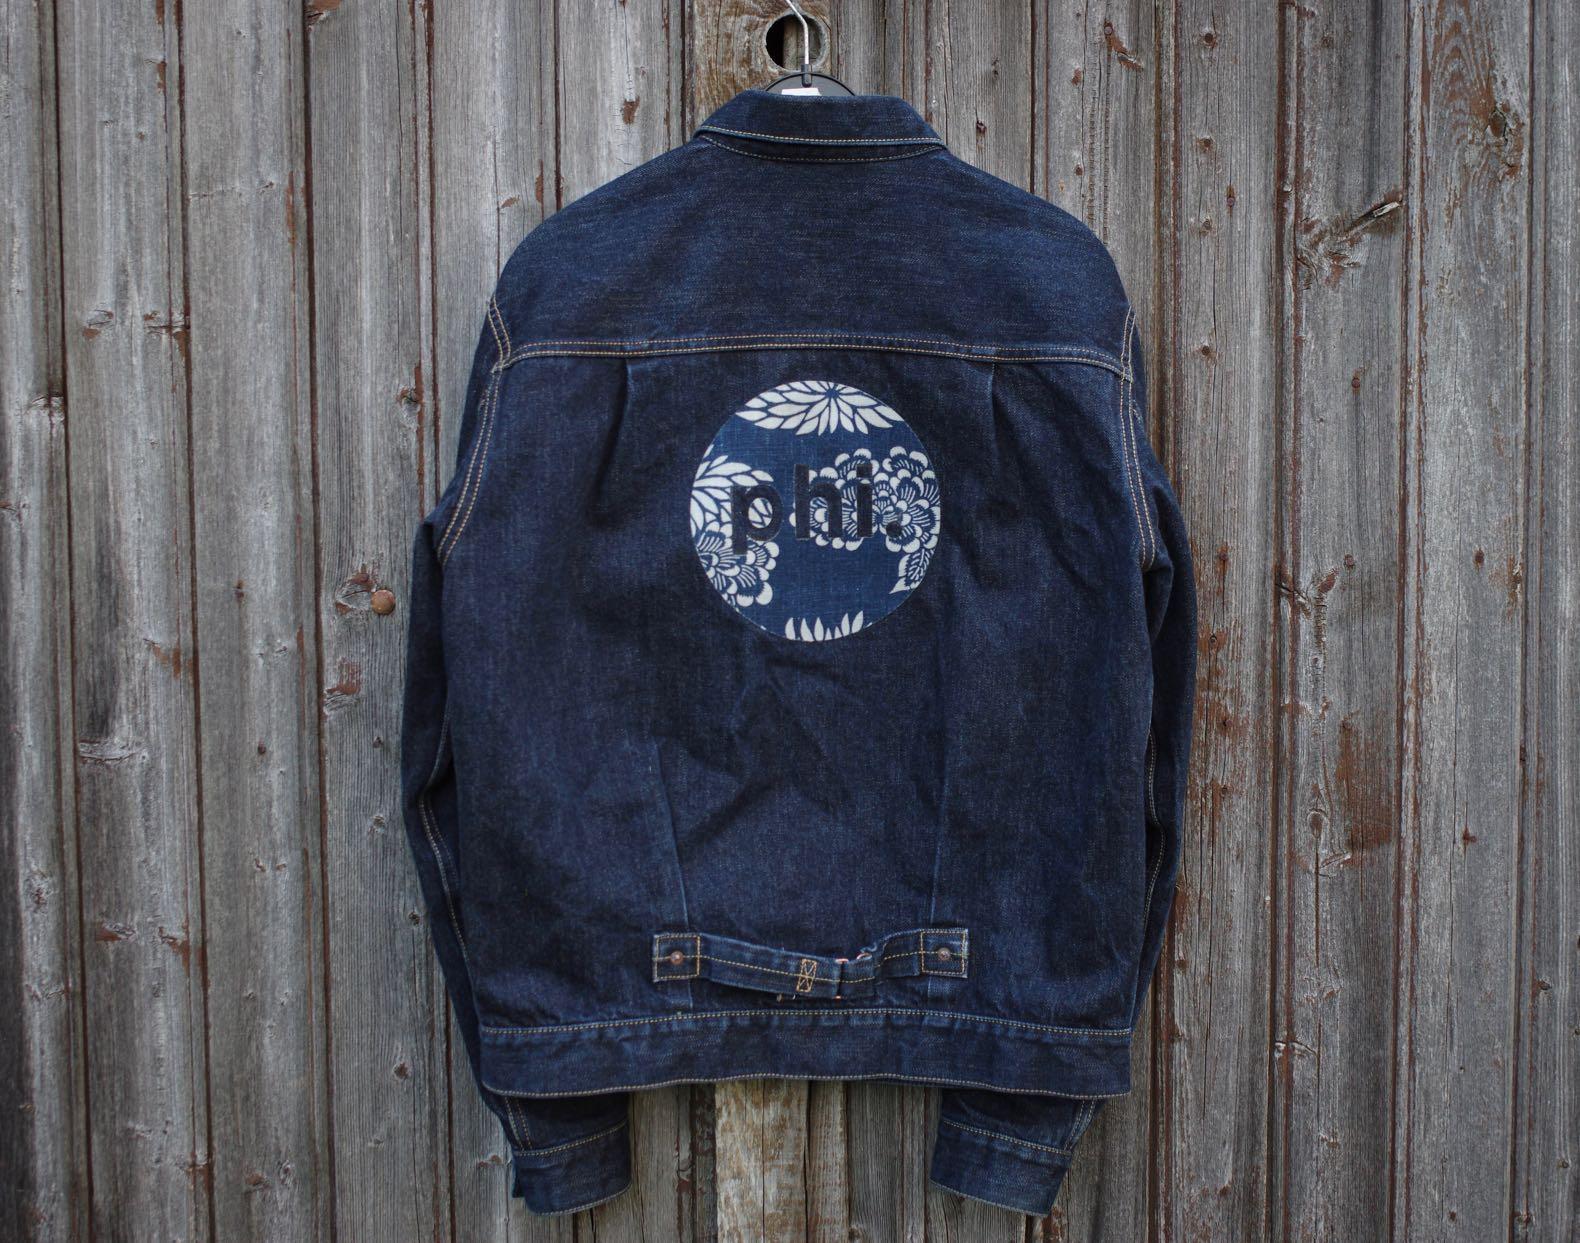 veste en jean japonais de la marque Phi denim avec le logo en KIKU KARAKUSA 2